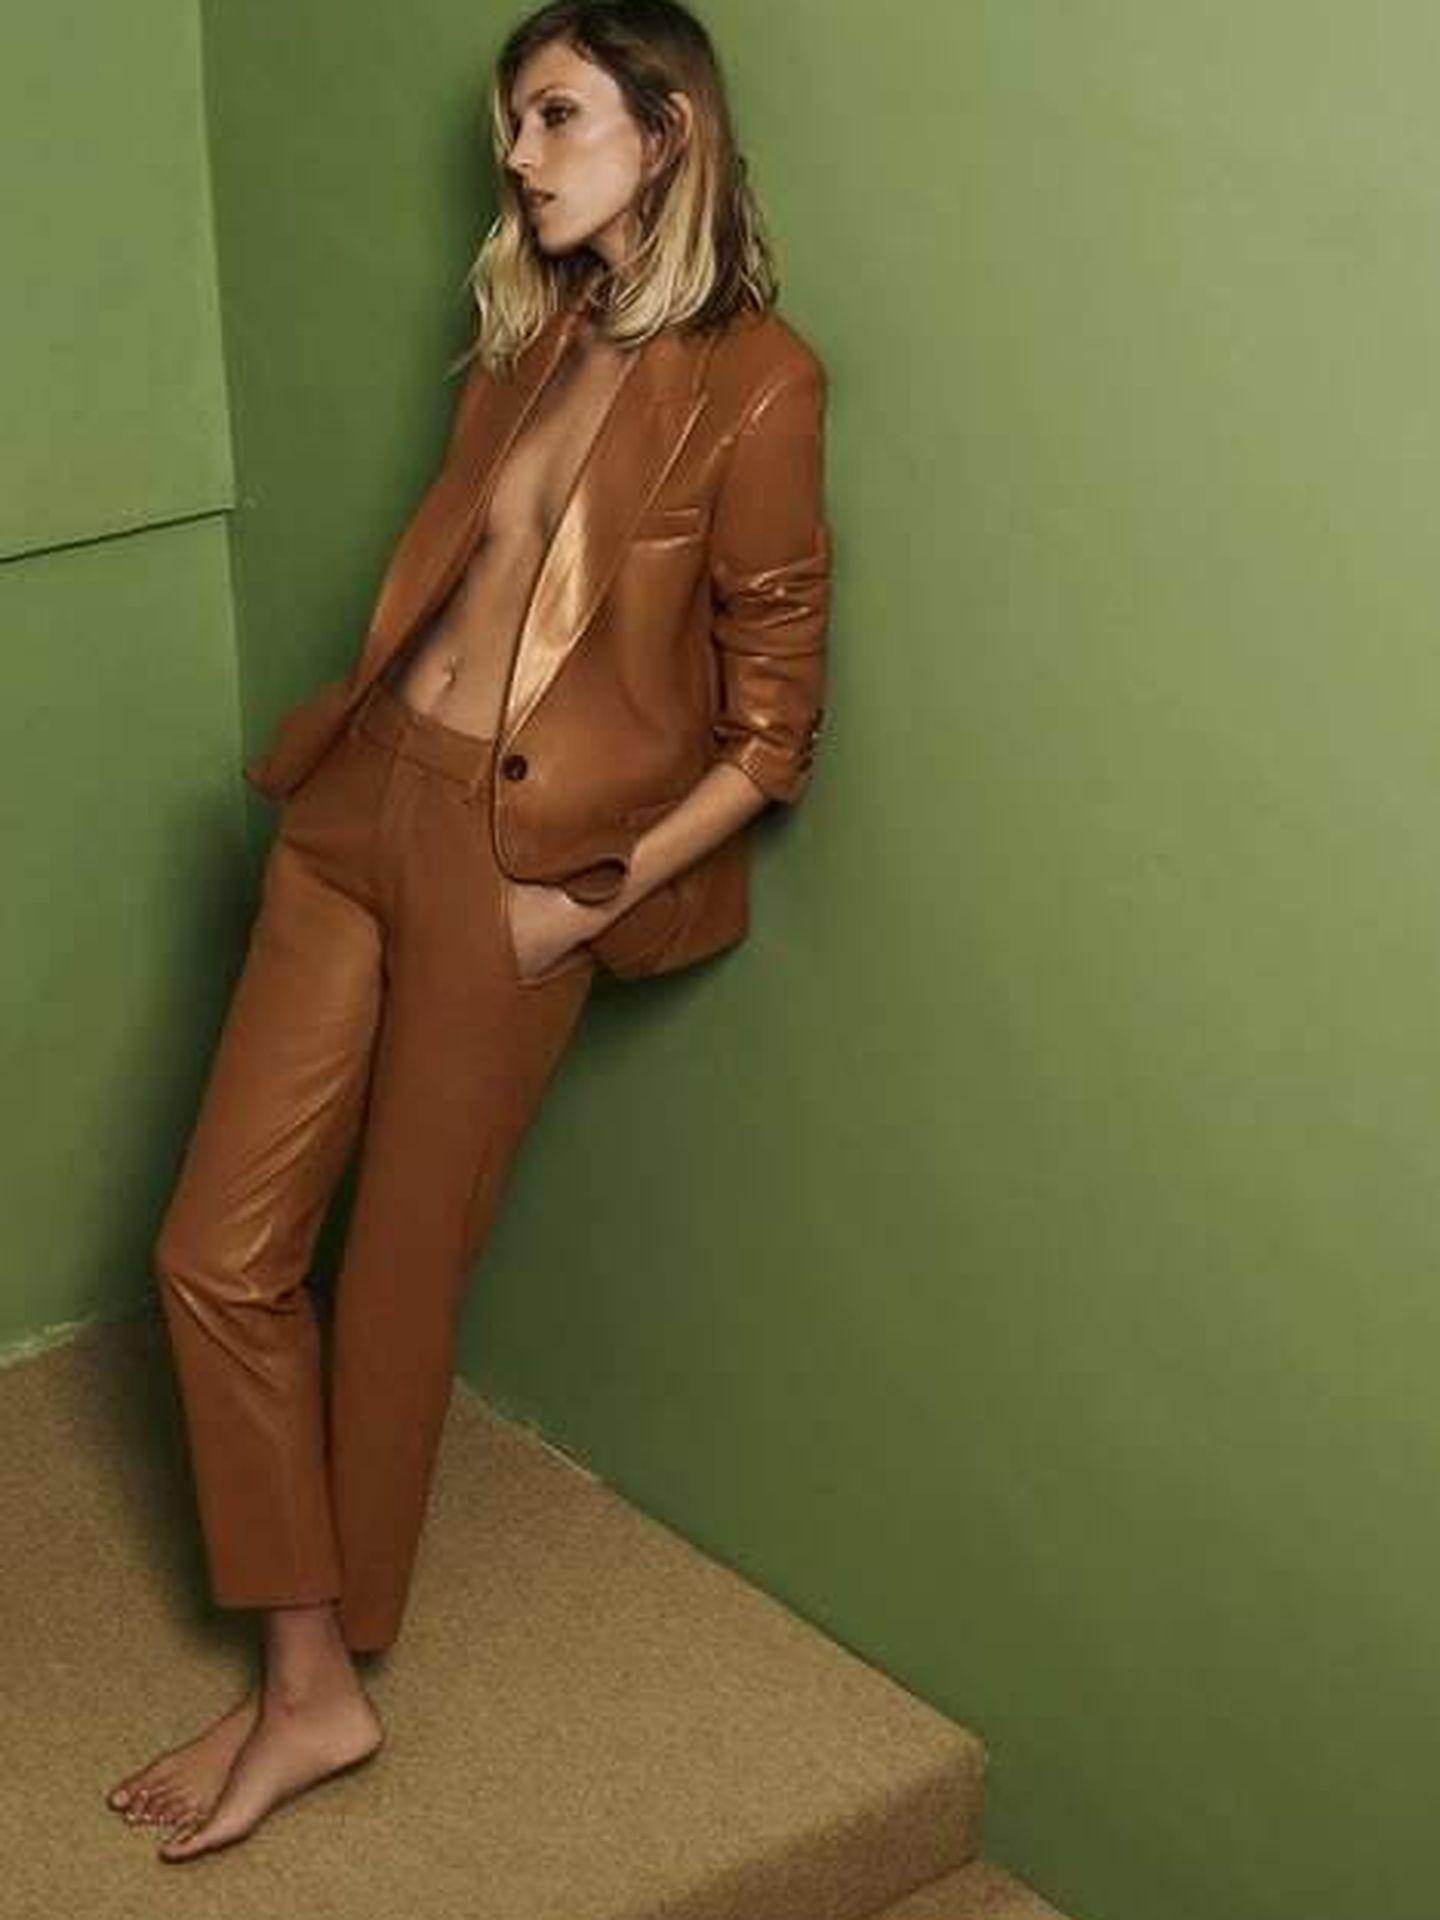 Pantalón y chaqueta efecto piel de Zara. (Cortesía)